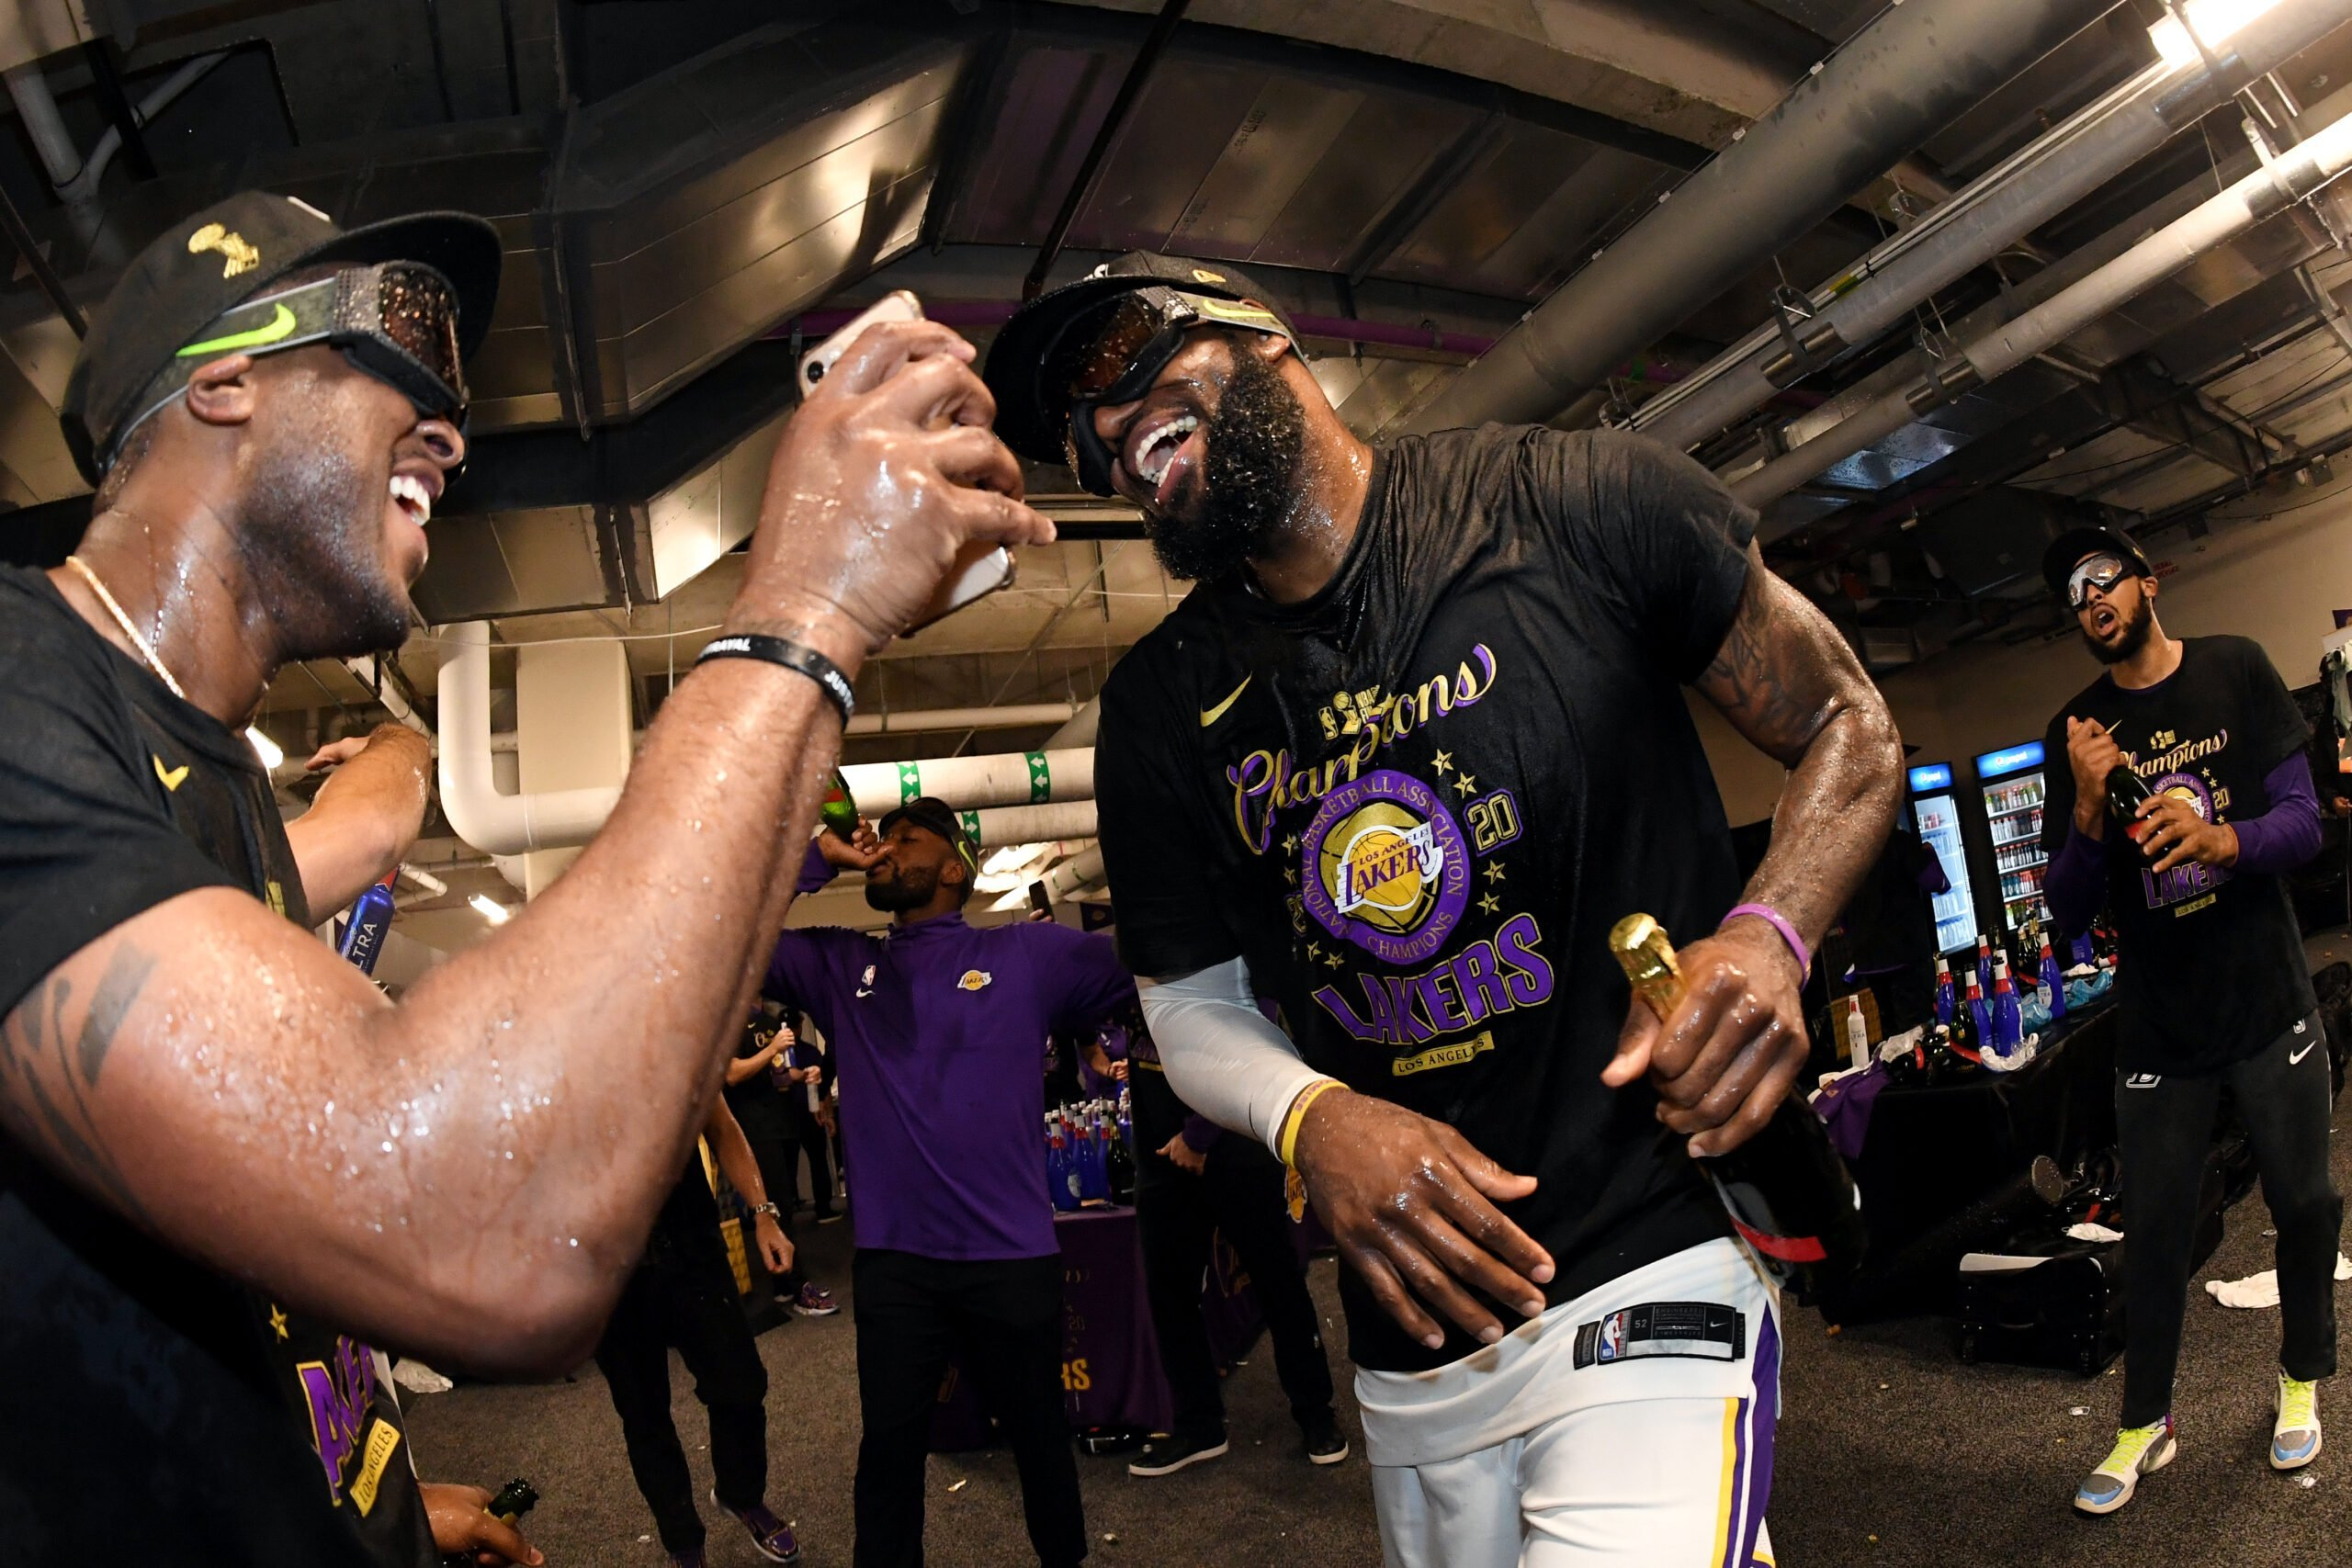 Vestiaire des Los Angeles Lakers, champions en titre, dans lequel le champagne coule à flot après une dernière victoire face au Miami Heat. L'Analyste via NBA. (Photo : Andrew D. Bernstein/NBAE via Getty Images)